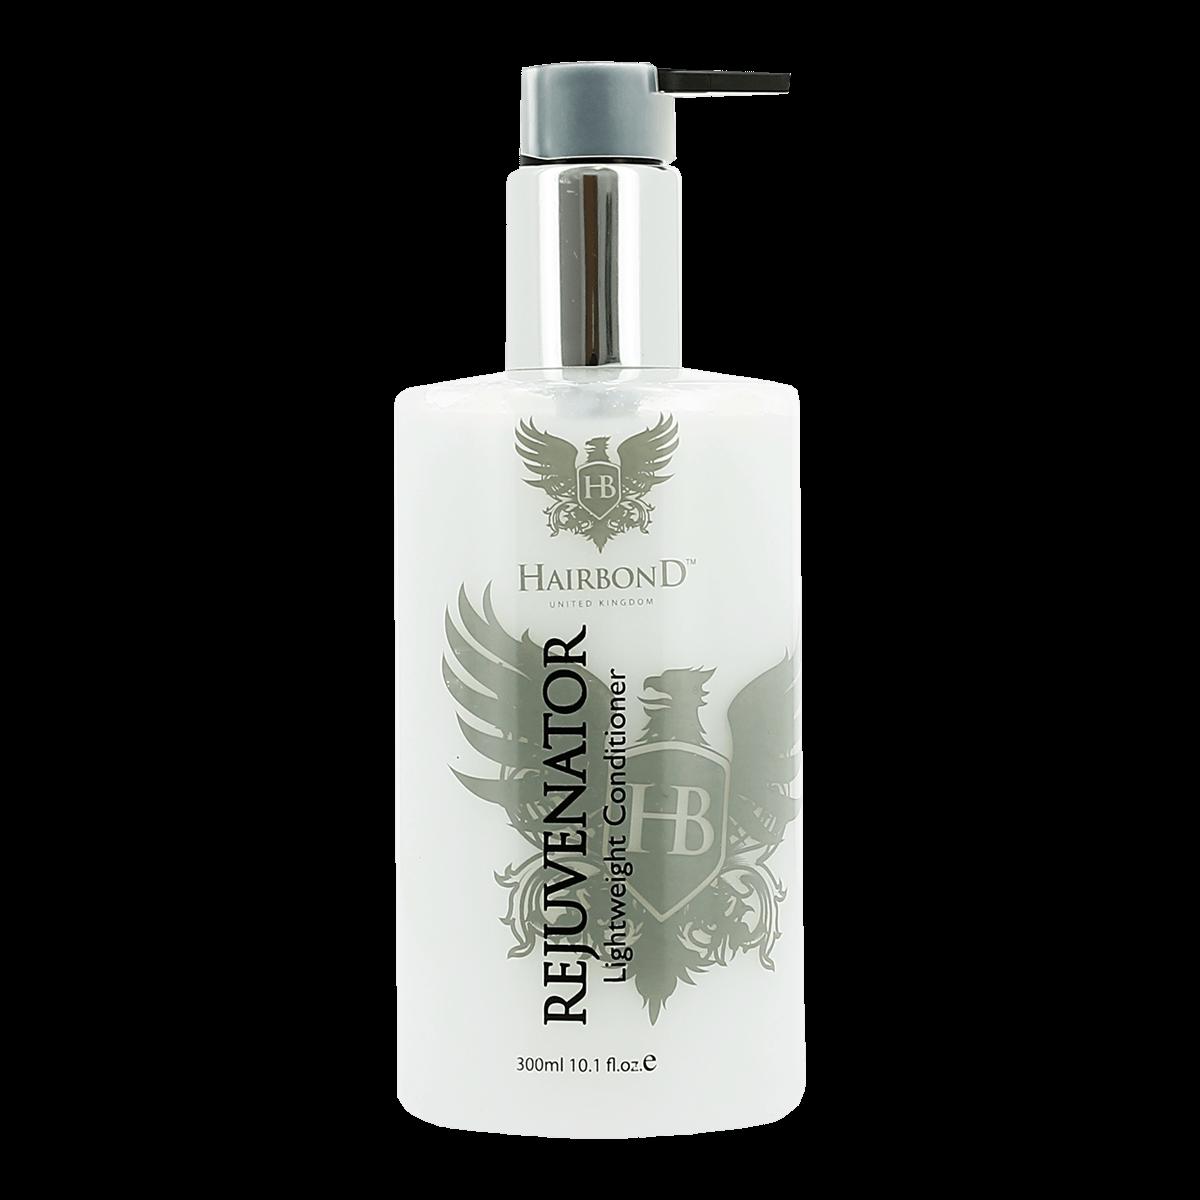 Hairbond® Rejuvenator Lightweight Conditioner 300ml